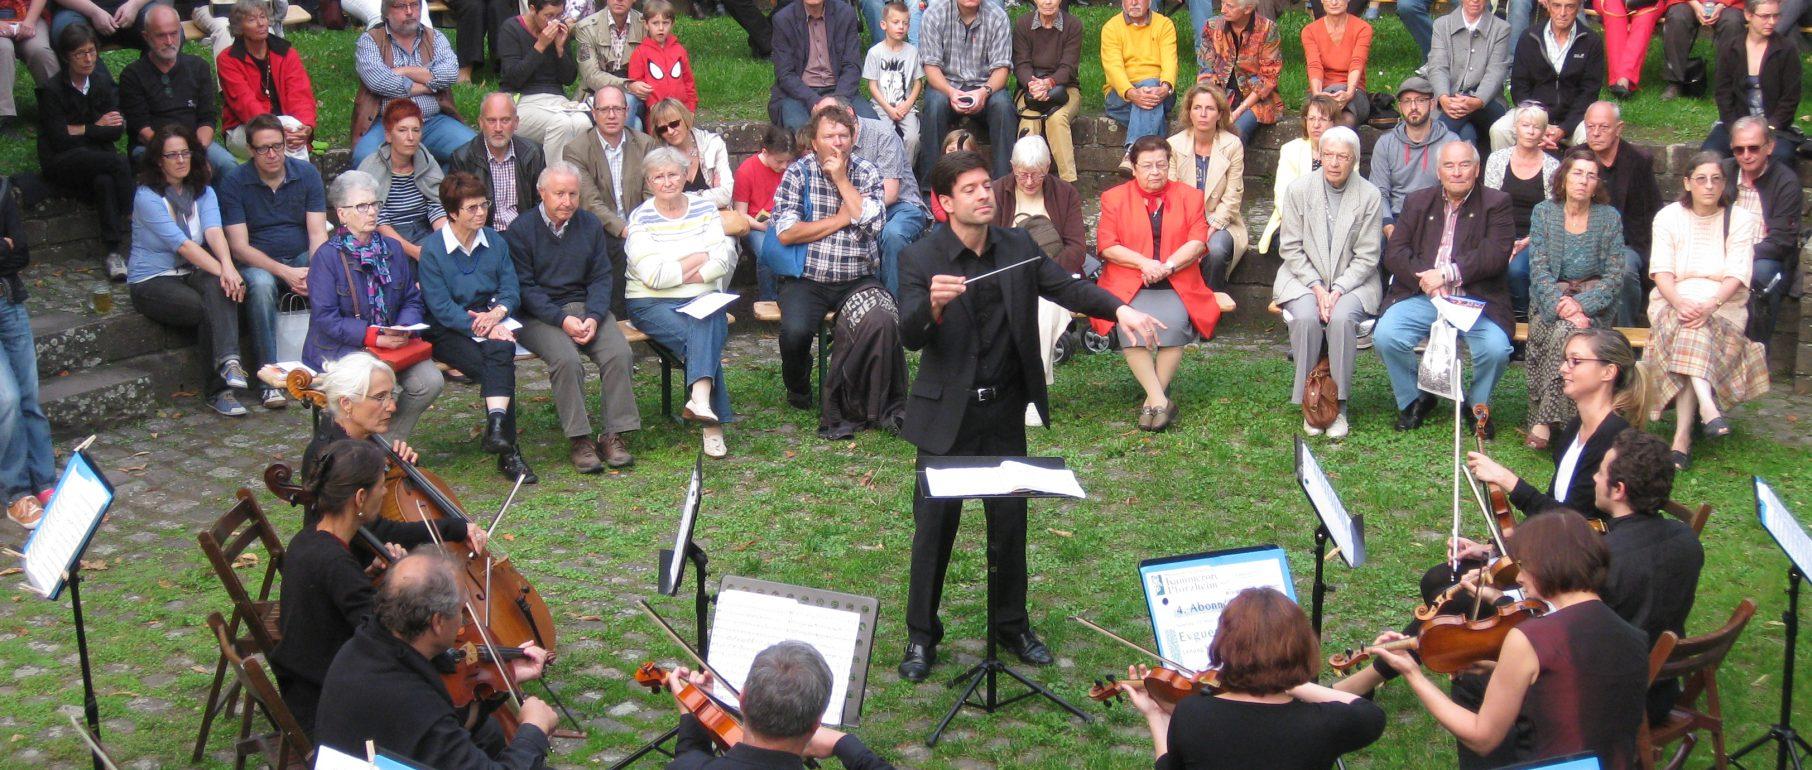 Brötzinger Samstag, Timo Handschuh dirigiert das Südwestdeutsche Kammerorchester Pforzheim im Freien